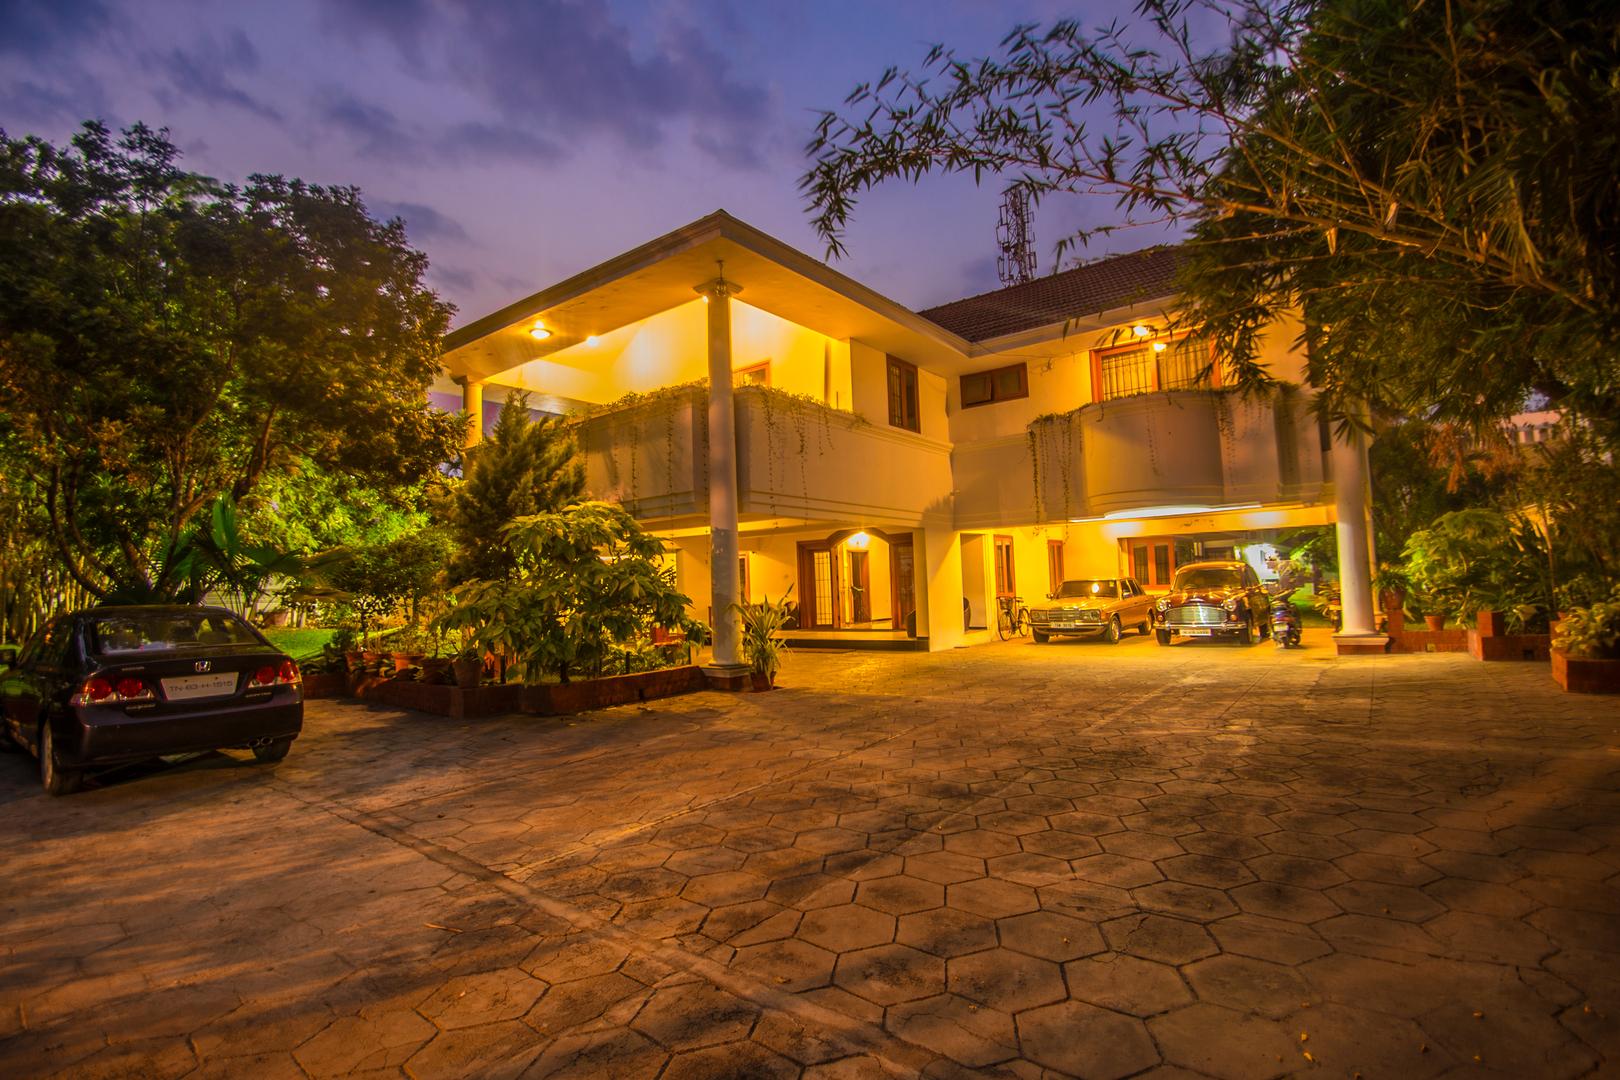 Dwarak Inn in Coimbatore